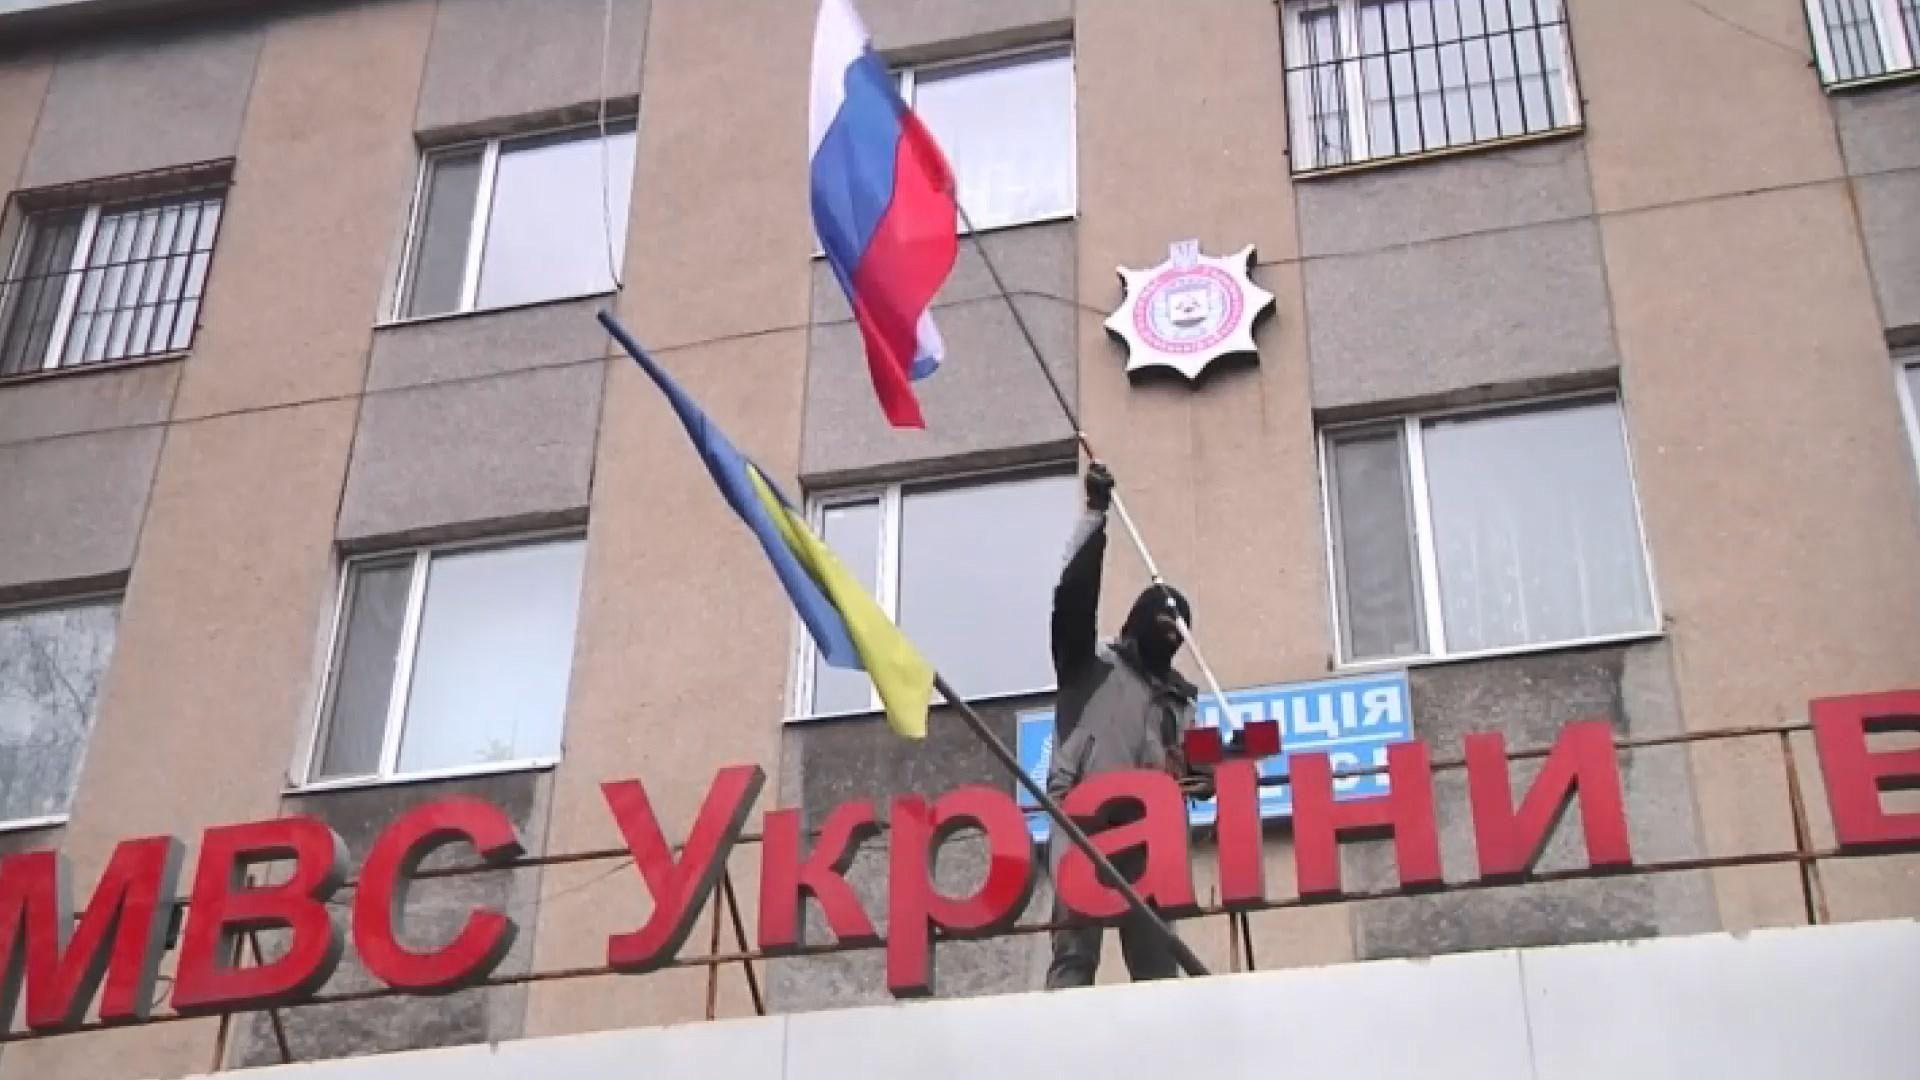 Шесть лет не дома: воспоминания переселенцев о страшной оккупации Донбасса - Новости Горловки - 24 Канал